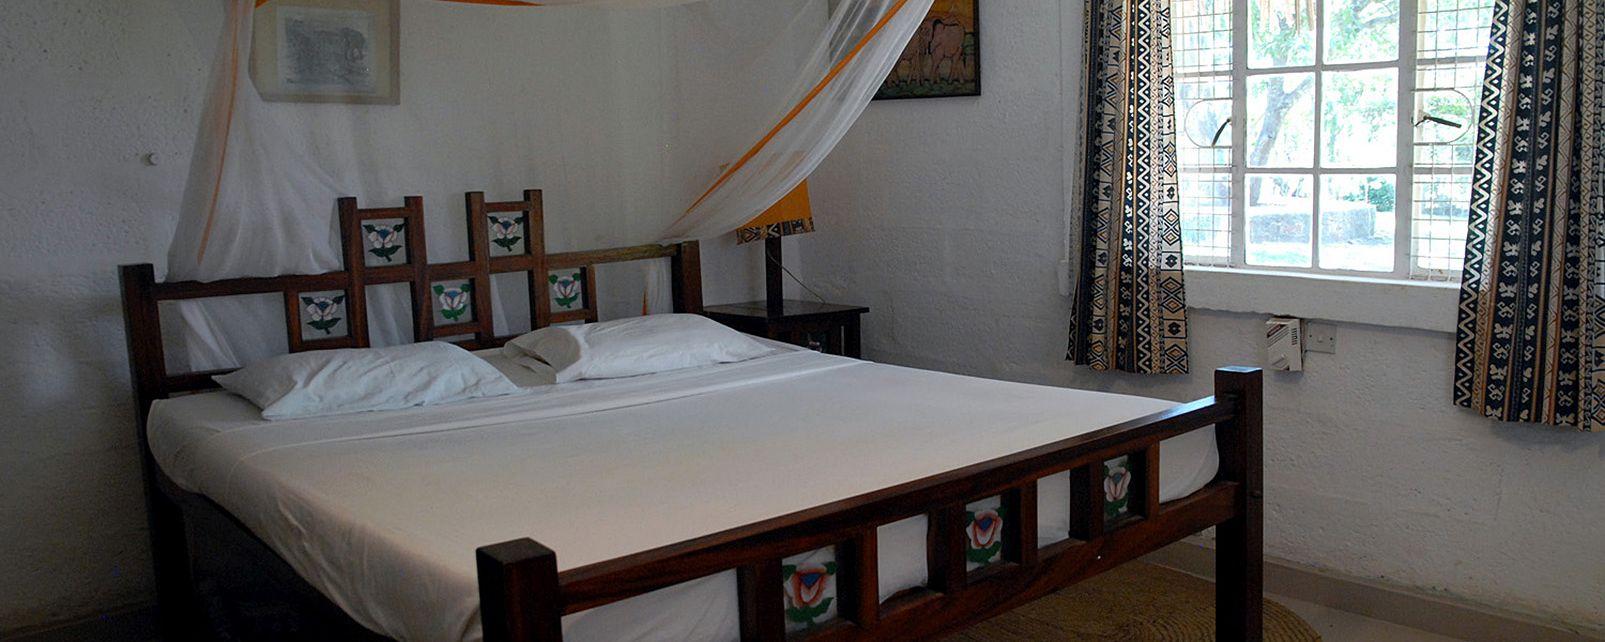 Hôtel Kipling Sea Lodge